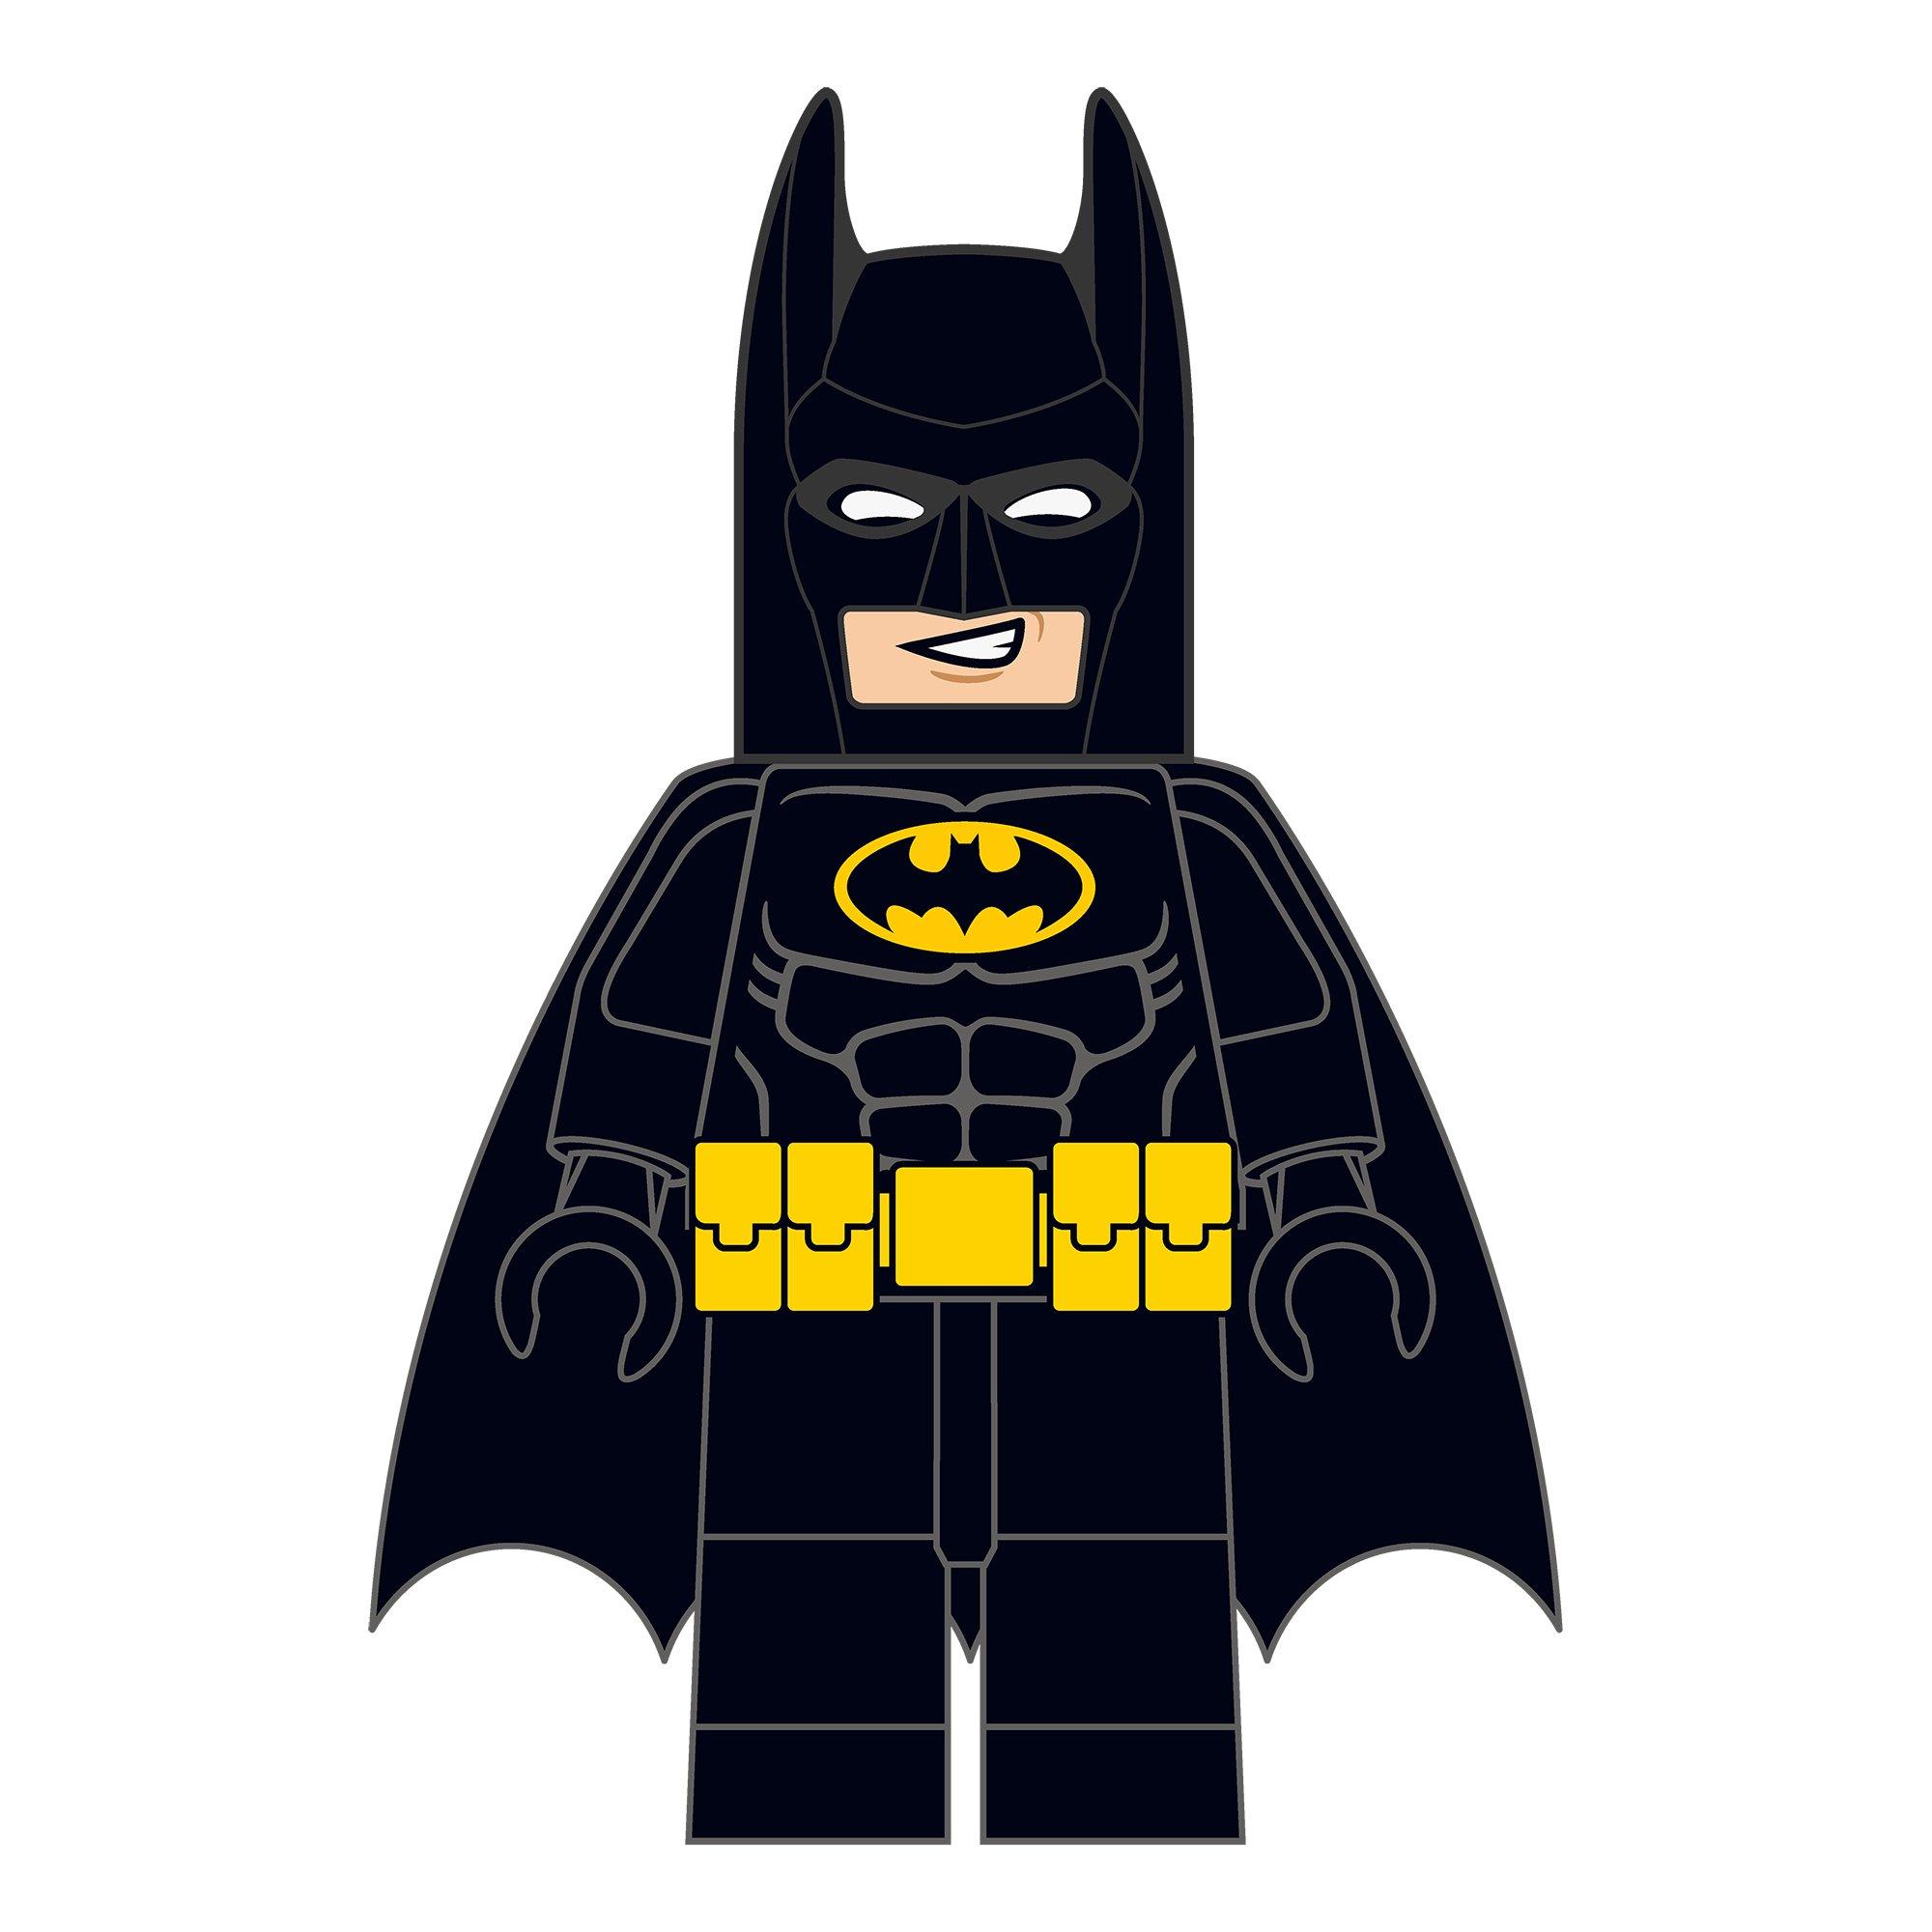 LEGO PC951C Batman Block Knight Cuddle Pillow by LEGO